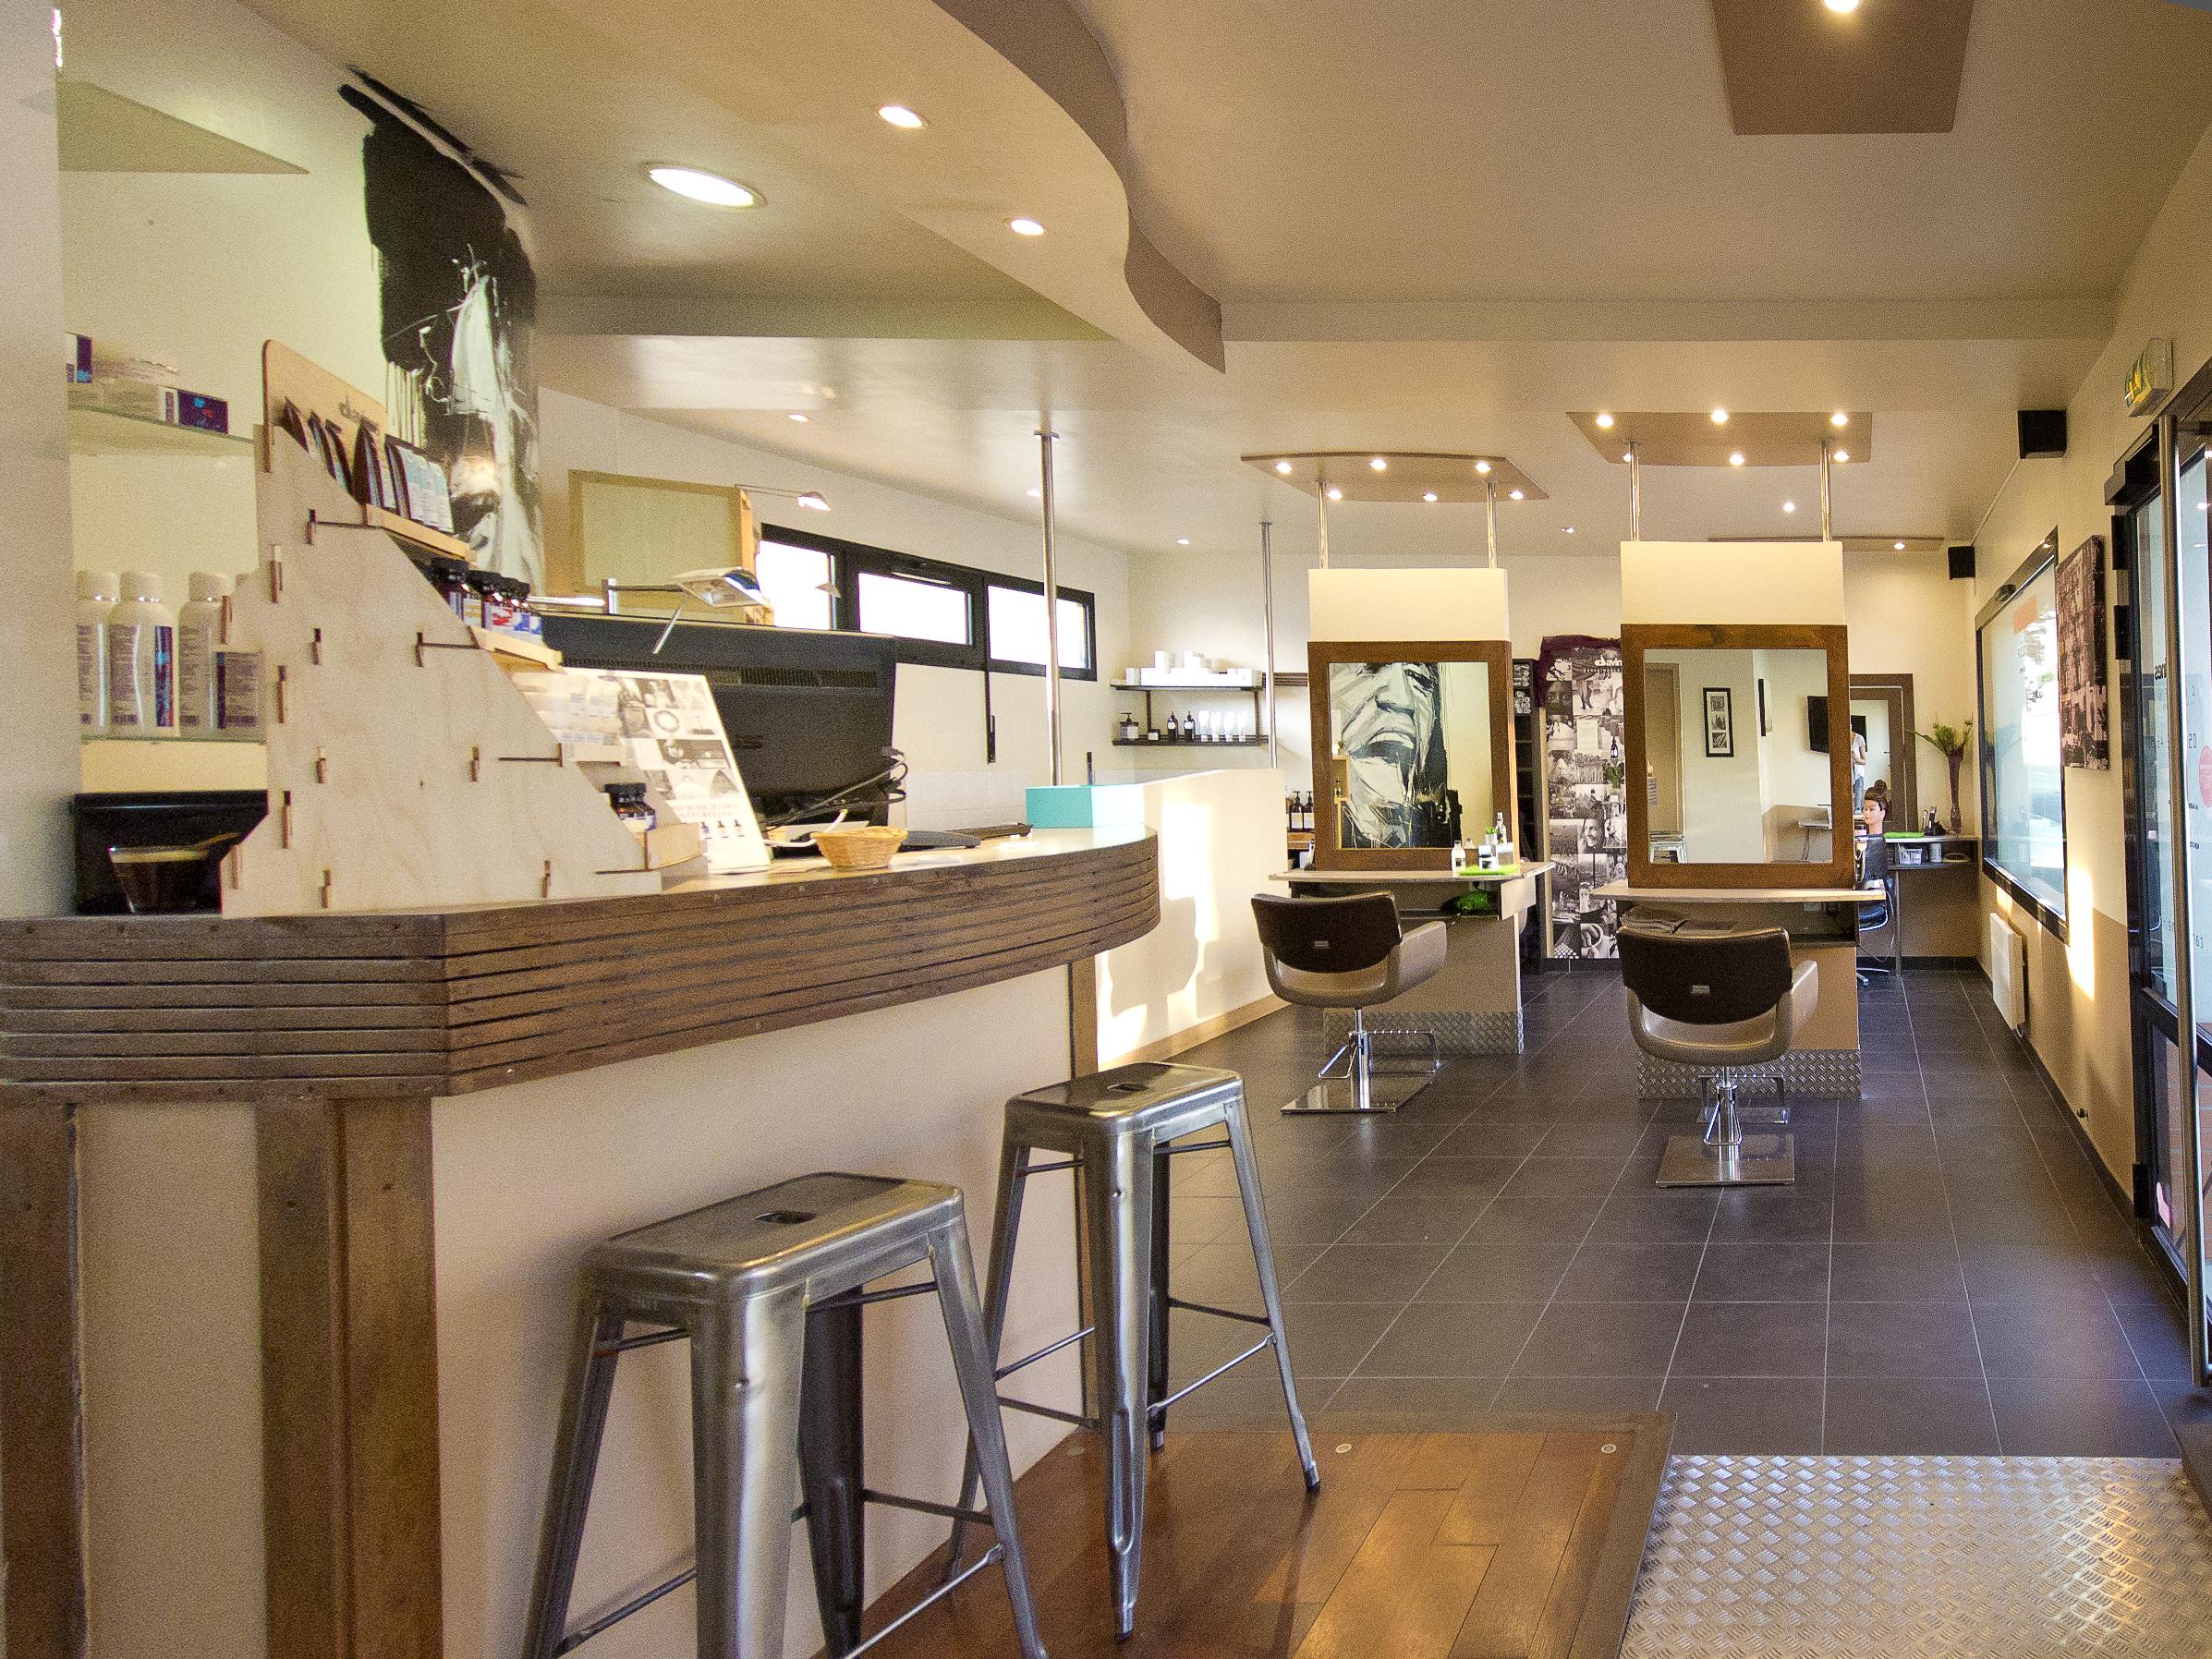 Idoneo hair studio la rochelle avis tarifs horaires t l phone - Salon antiquaires la rochelle ...